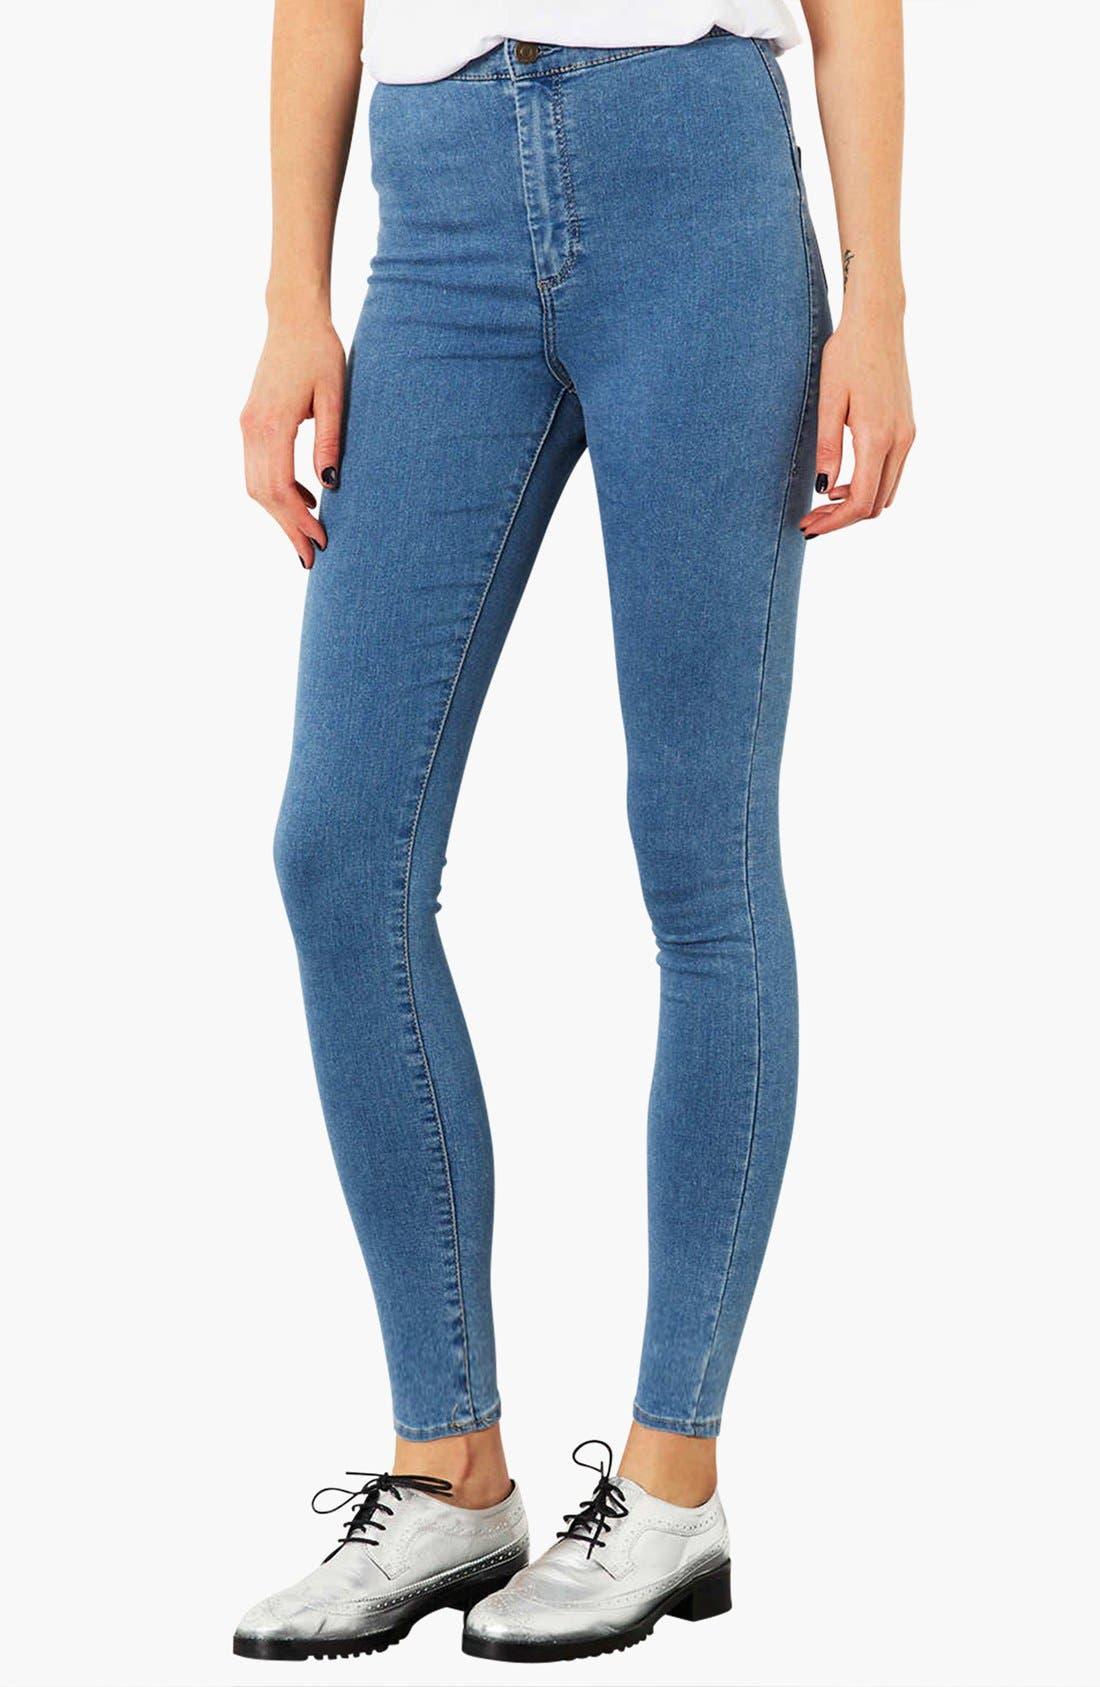 Main Image - Topshop Moto 'Joni' High Rise Skinny Jeans (Mid Stone) (Short)